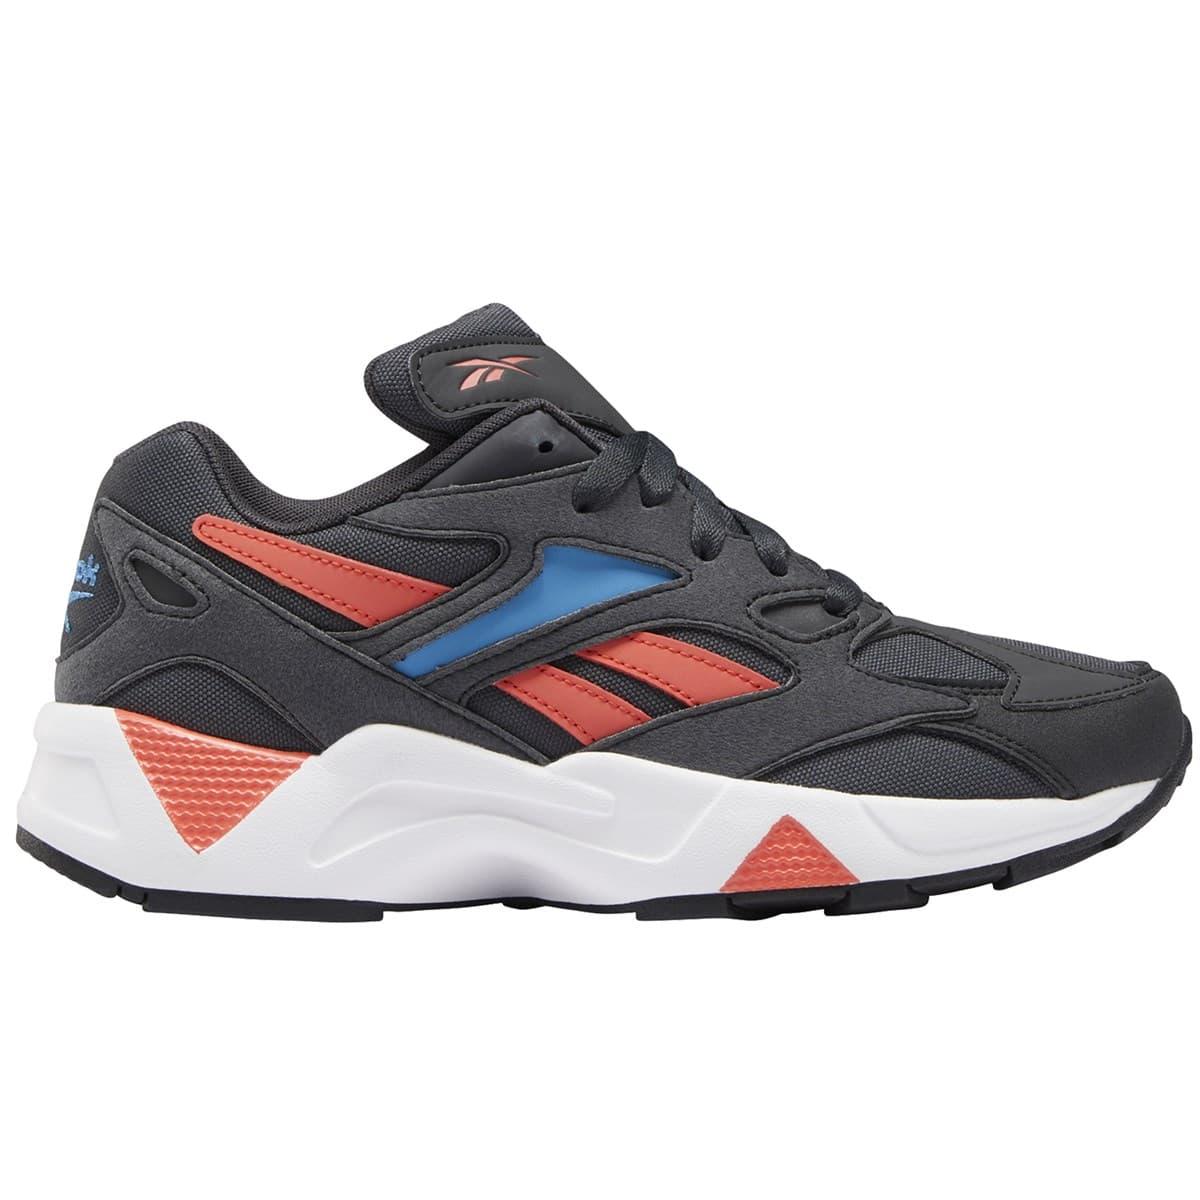 Aztrek 96 Kadın Siyah Koşu Ayakkabısı